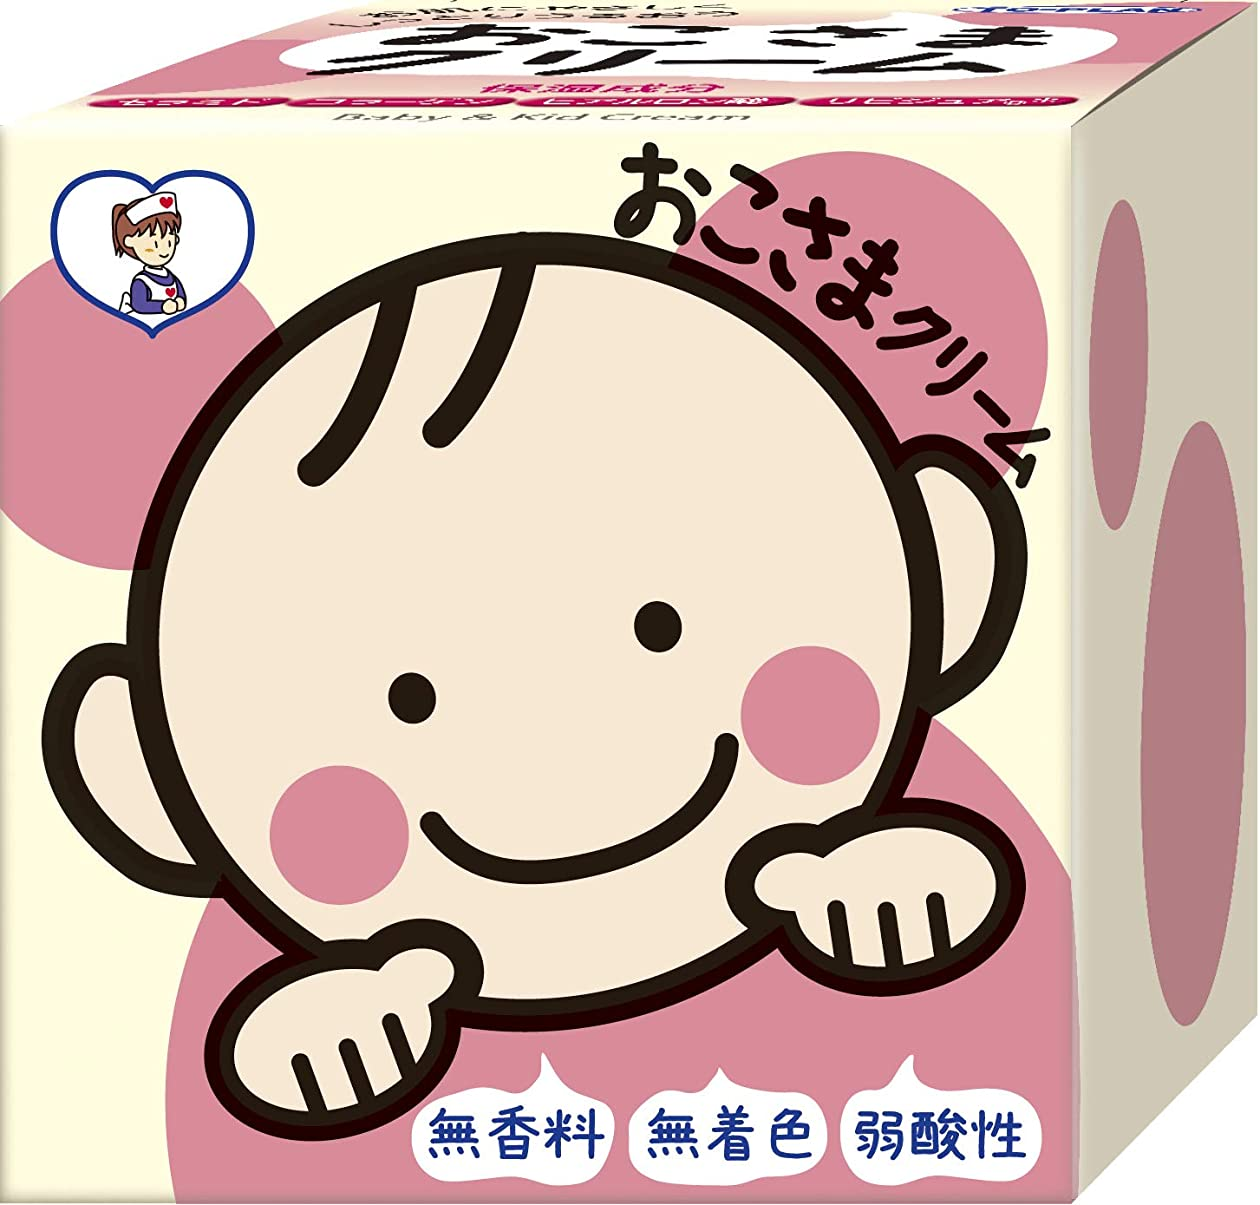 ディレクトリペチコートTO-PLAN(トプラン) おこさまクリーム110g 無着色 無香料 低刺激クリーム